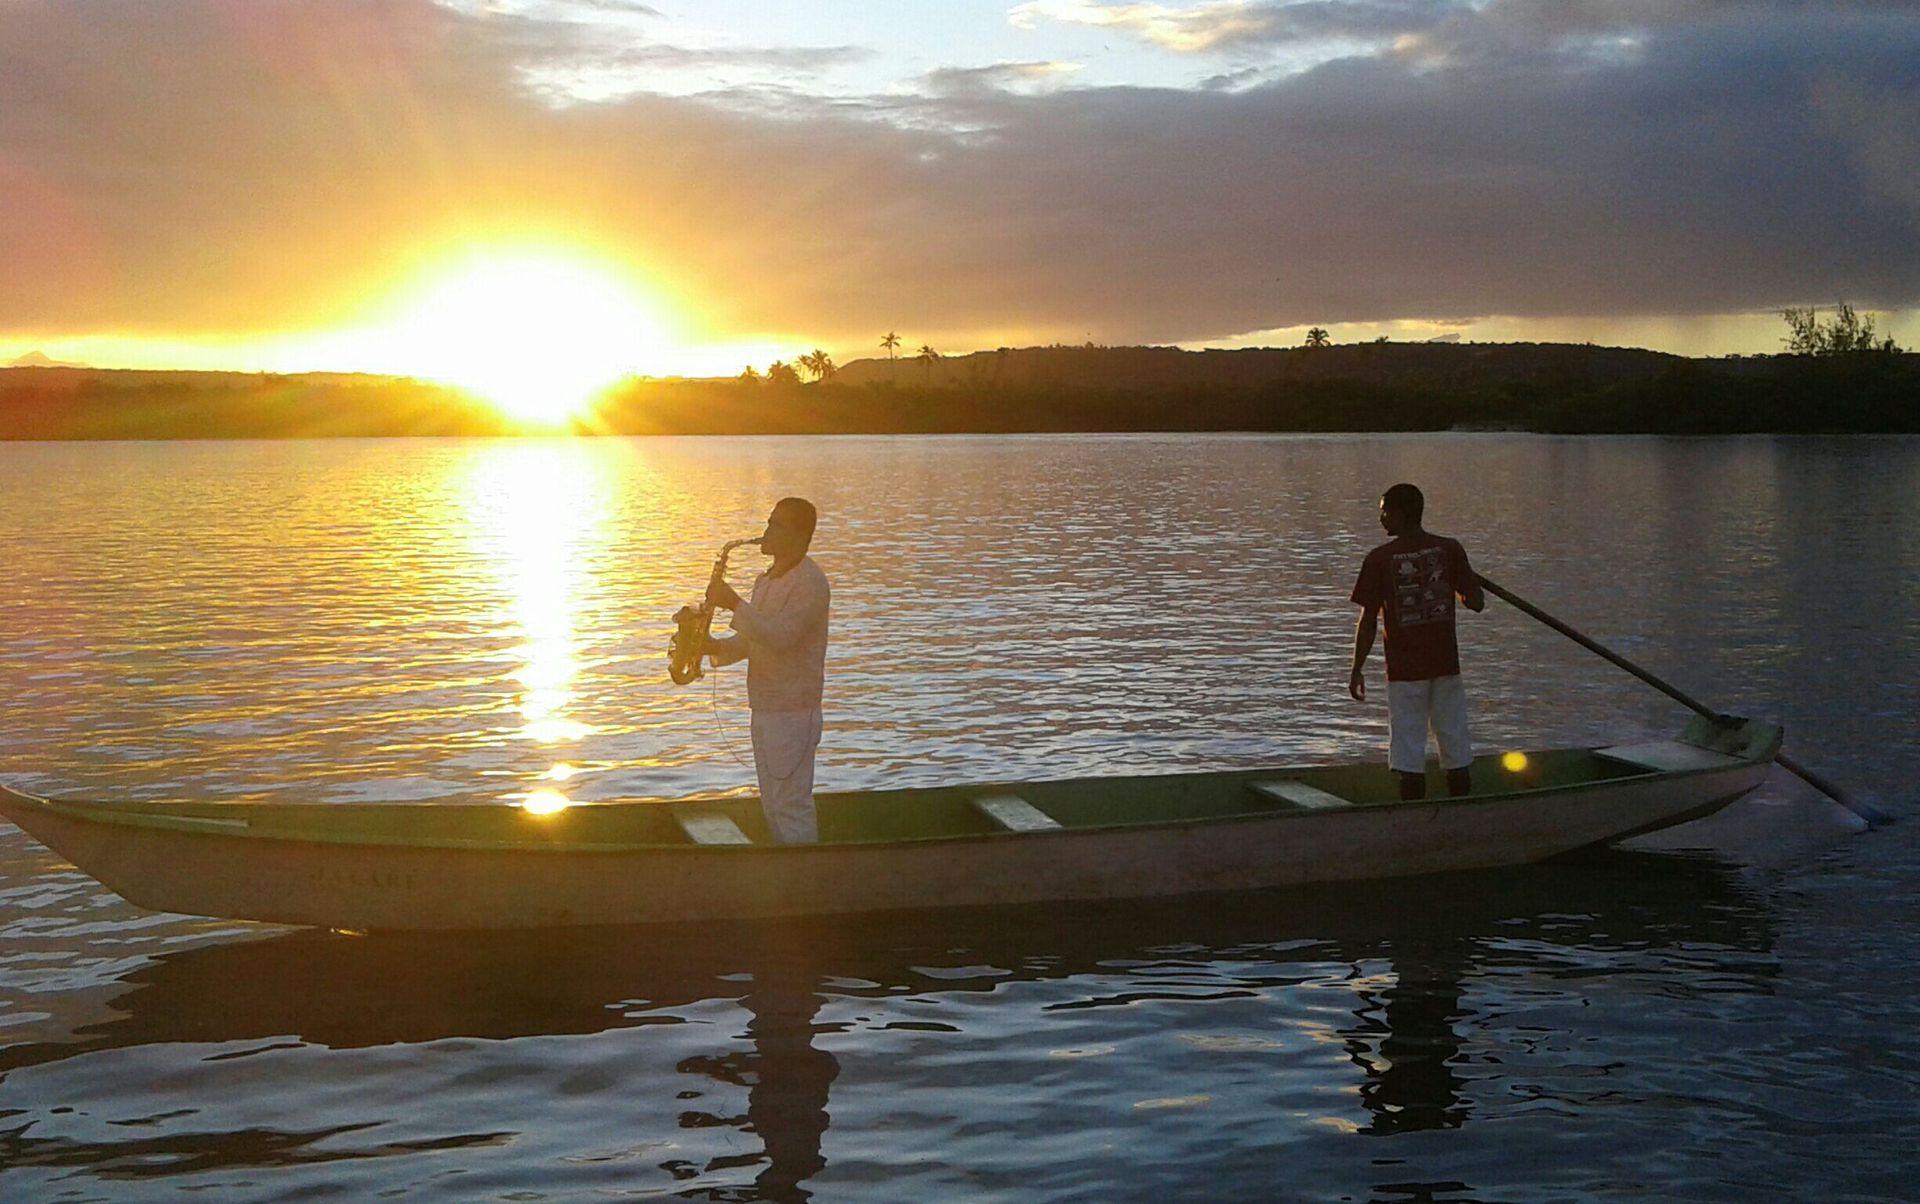 La salida culminó con un saxofonista tocando en la pequeña embarcación con la puesta de sol como telón de fondo